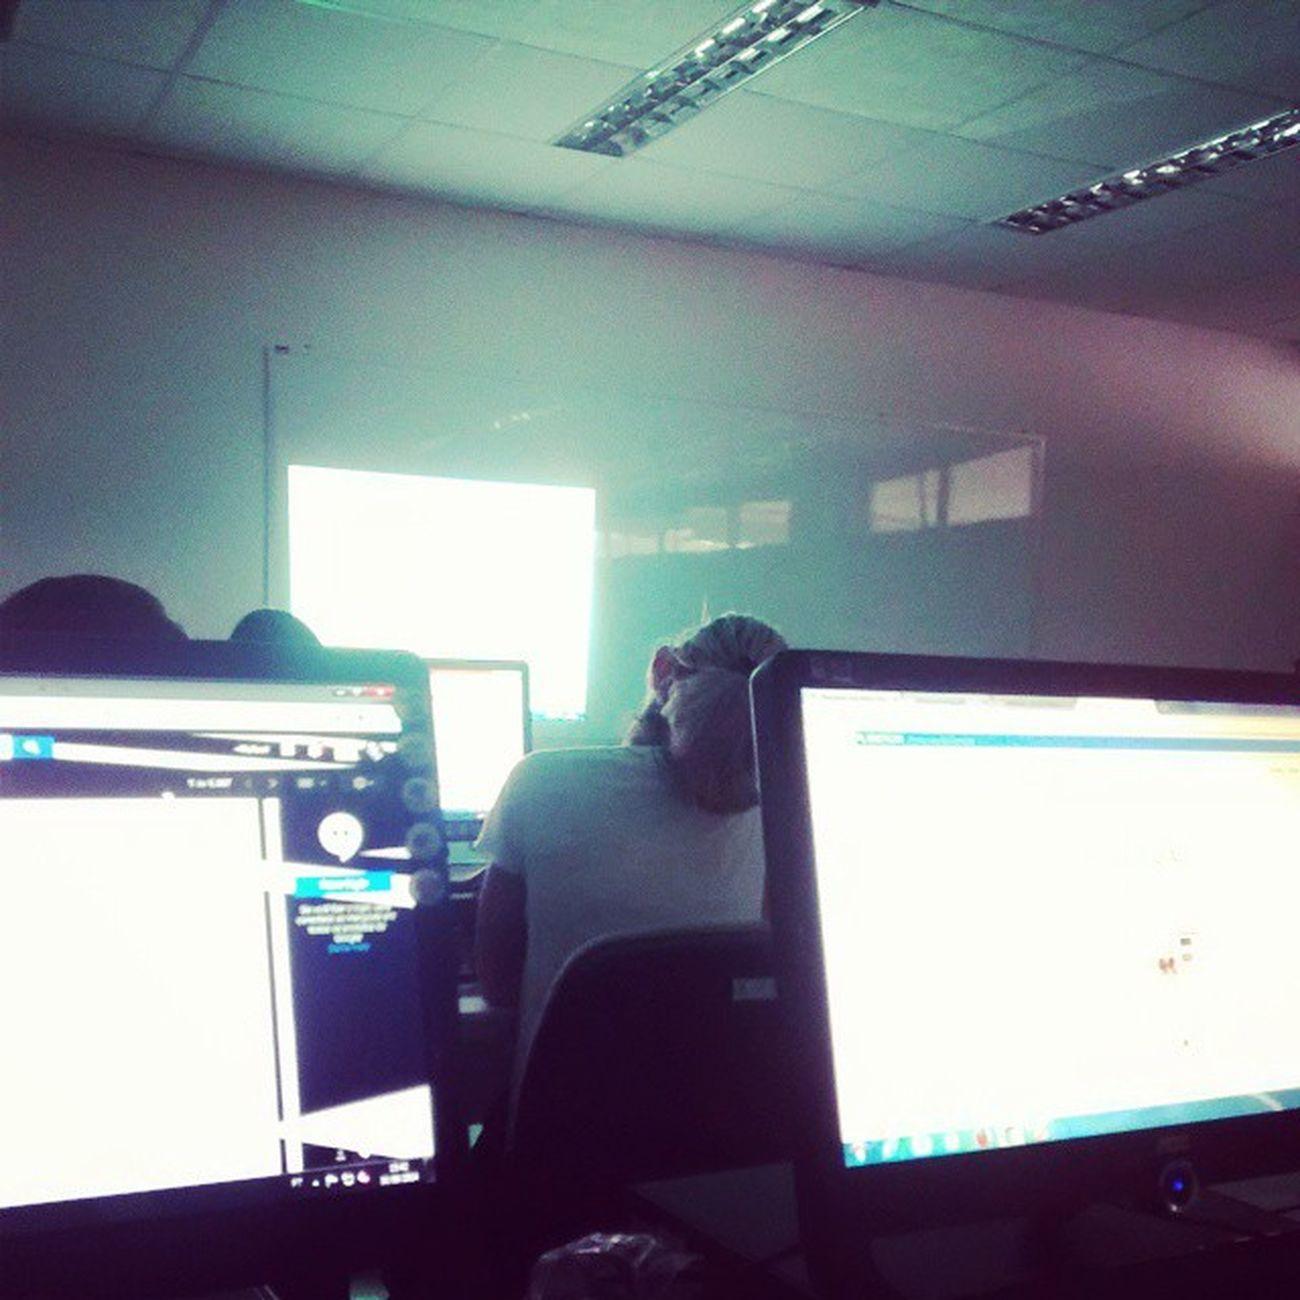 Aula de repositórios digitais Bczm Ufrn